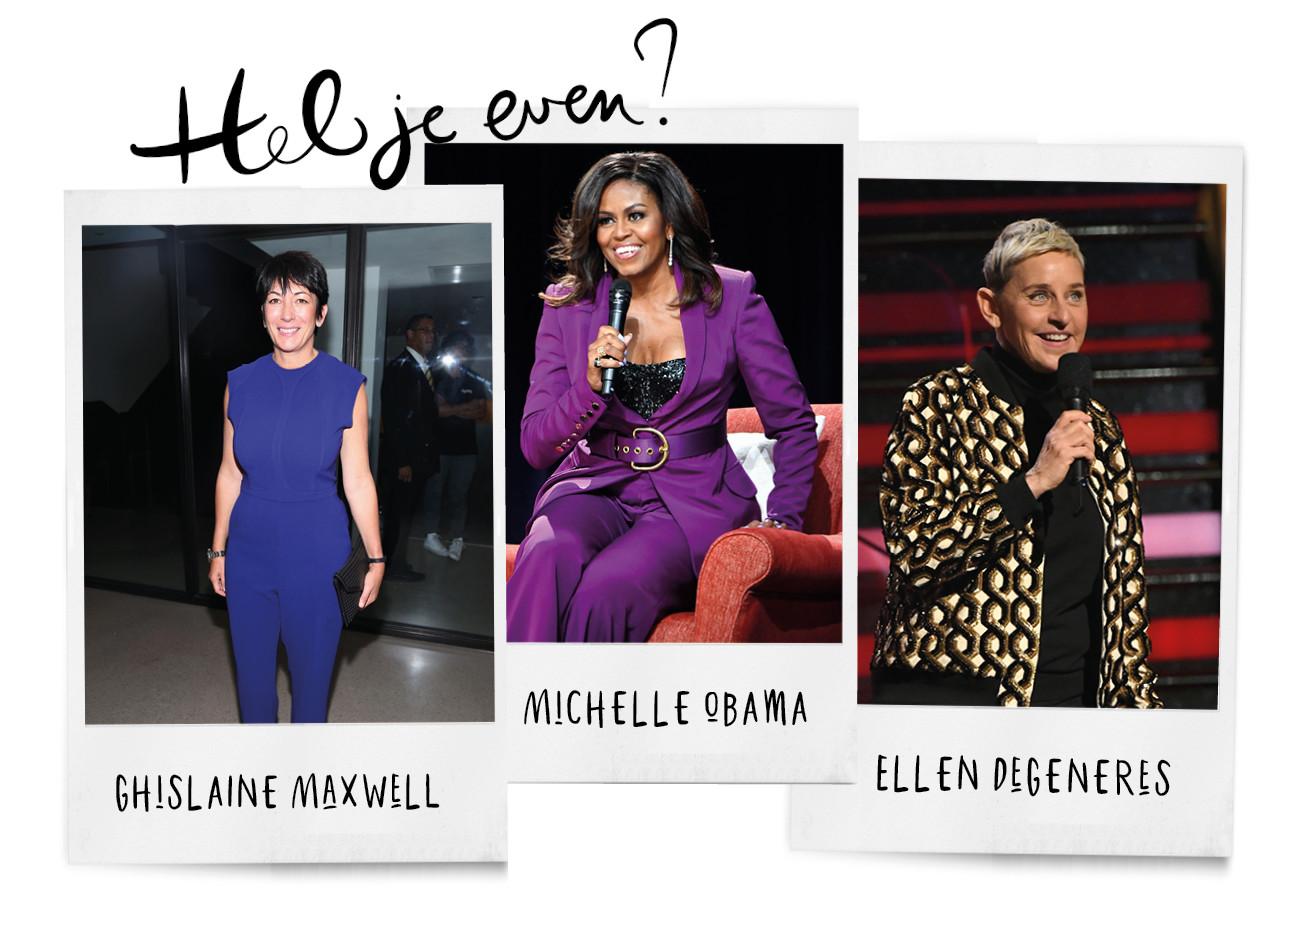 Koffiezetpraat: Ellen DeGeneres maakt excuses